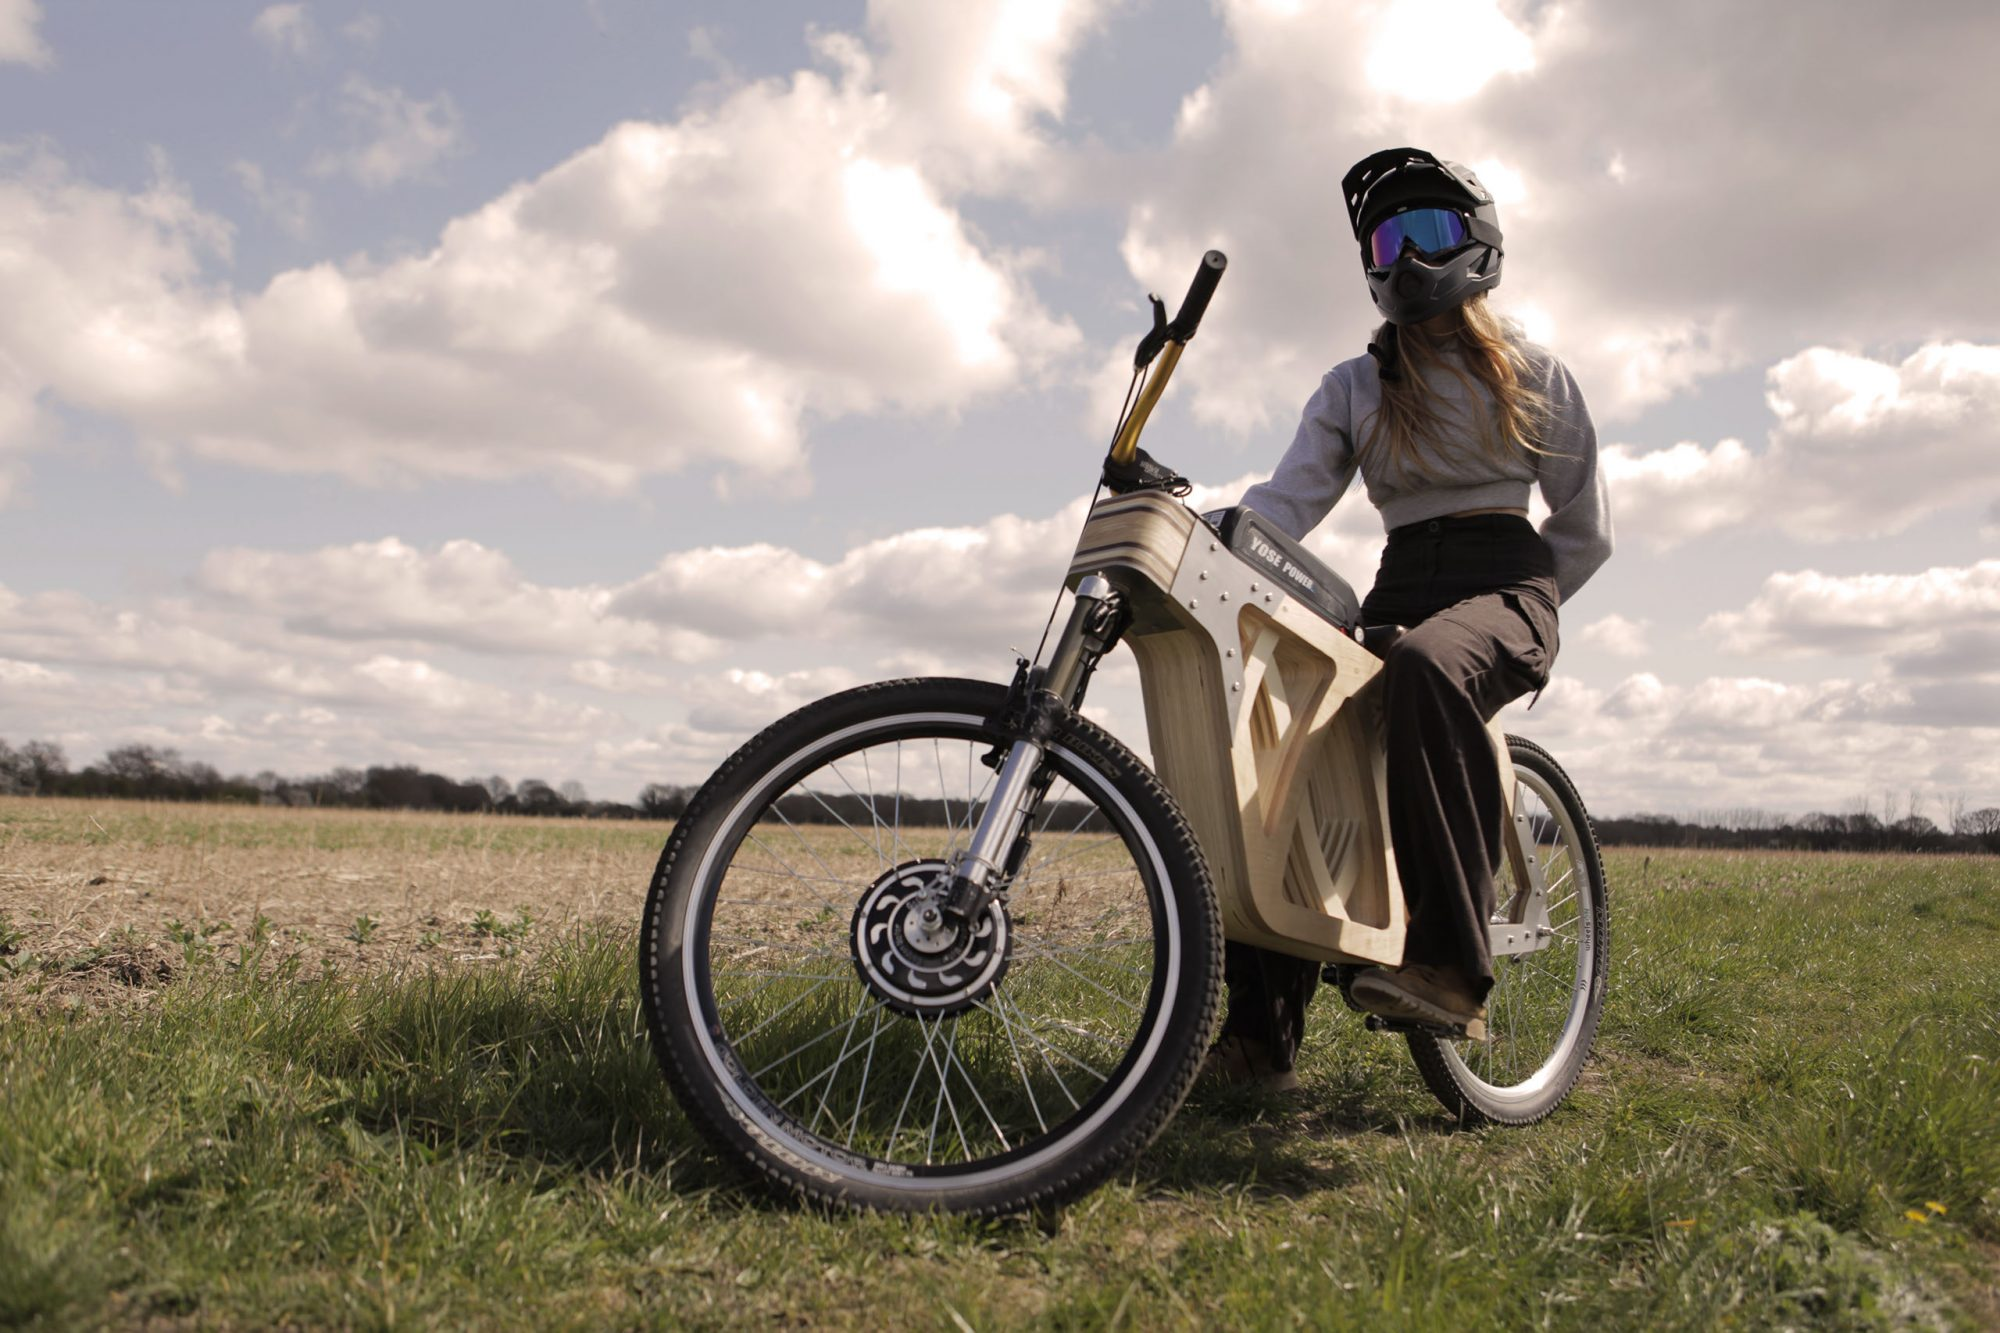 Menuisière, elle a fabriqué son propre vélo électrique (et il envoie du bois)